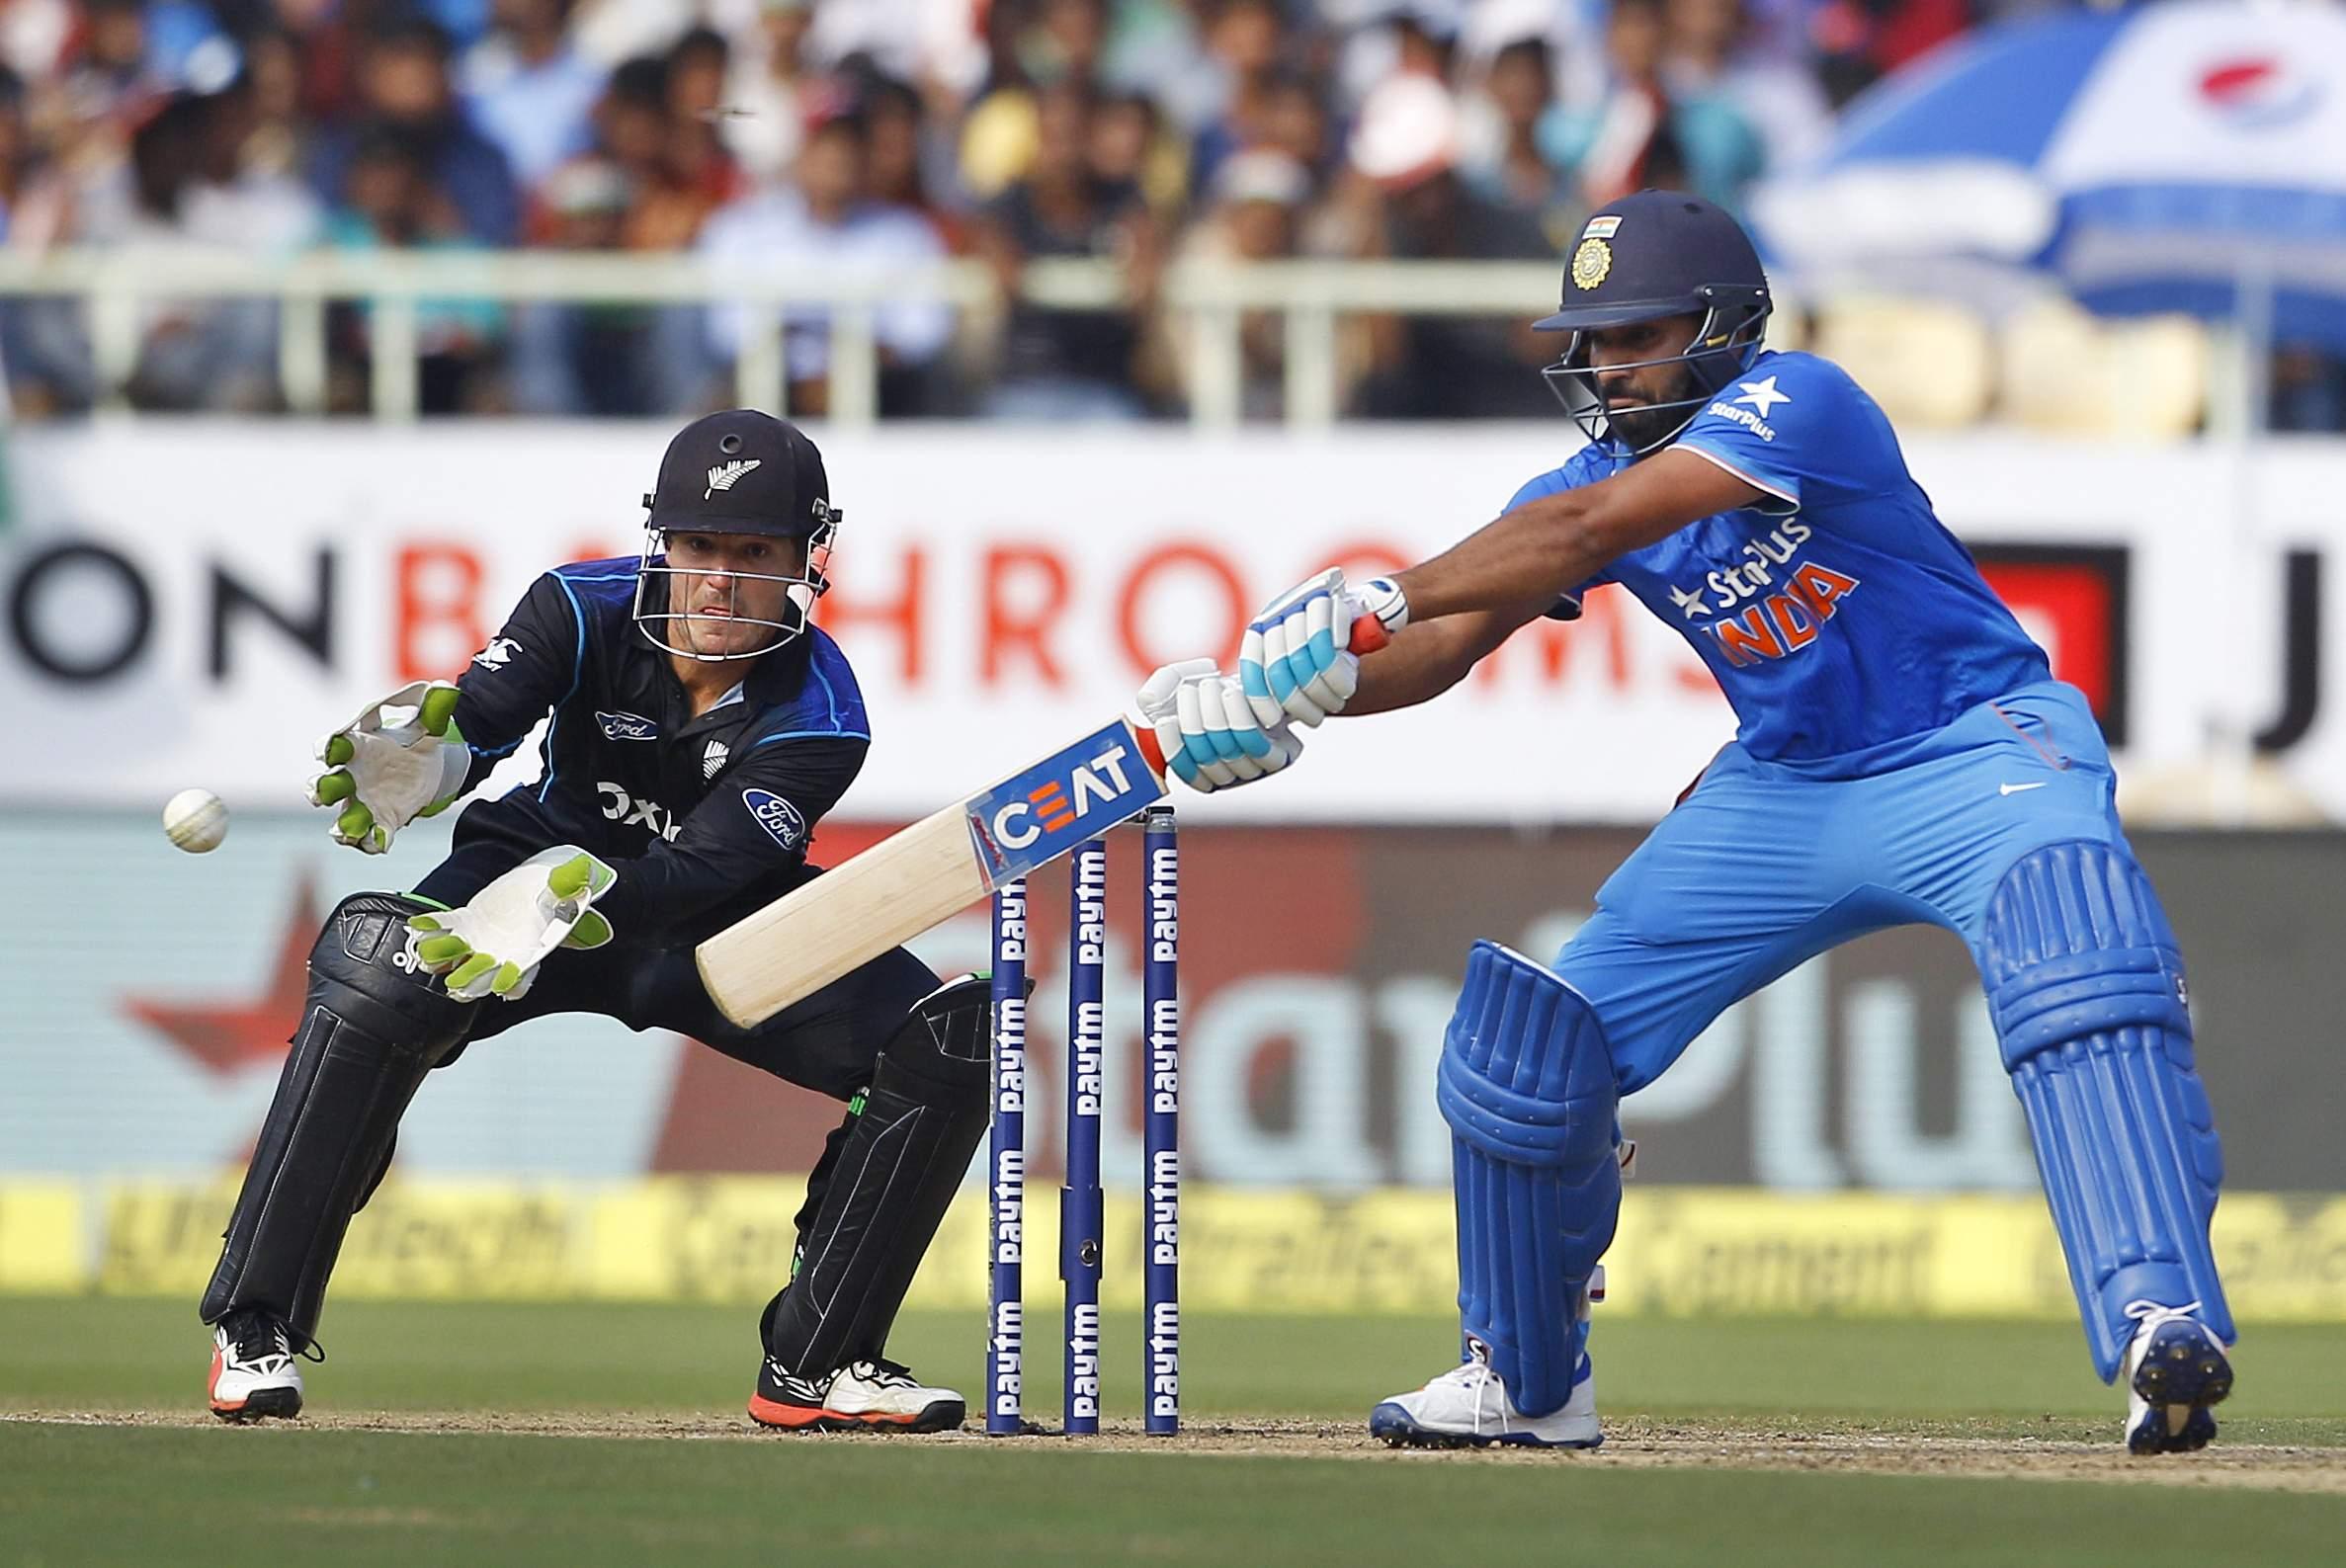 विराट कोहली के सामने हिटमैन ने खोला भारतीय टीम का ये राज, जिससे अब तक अनजान होंगे आप! 3